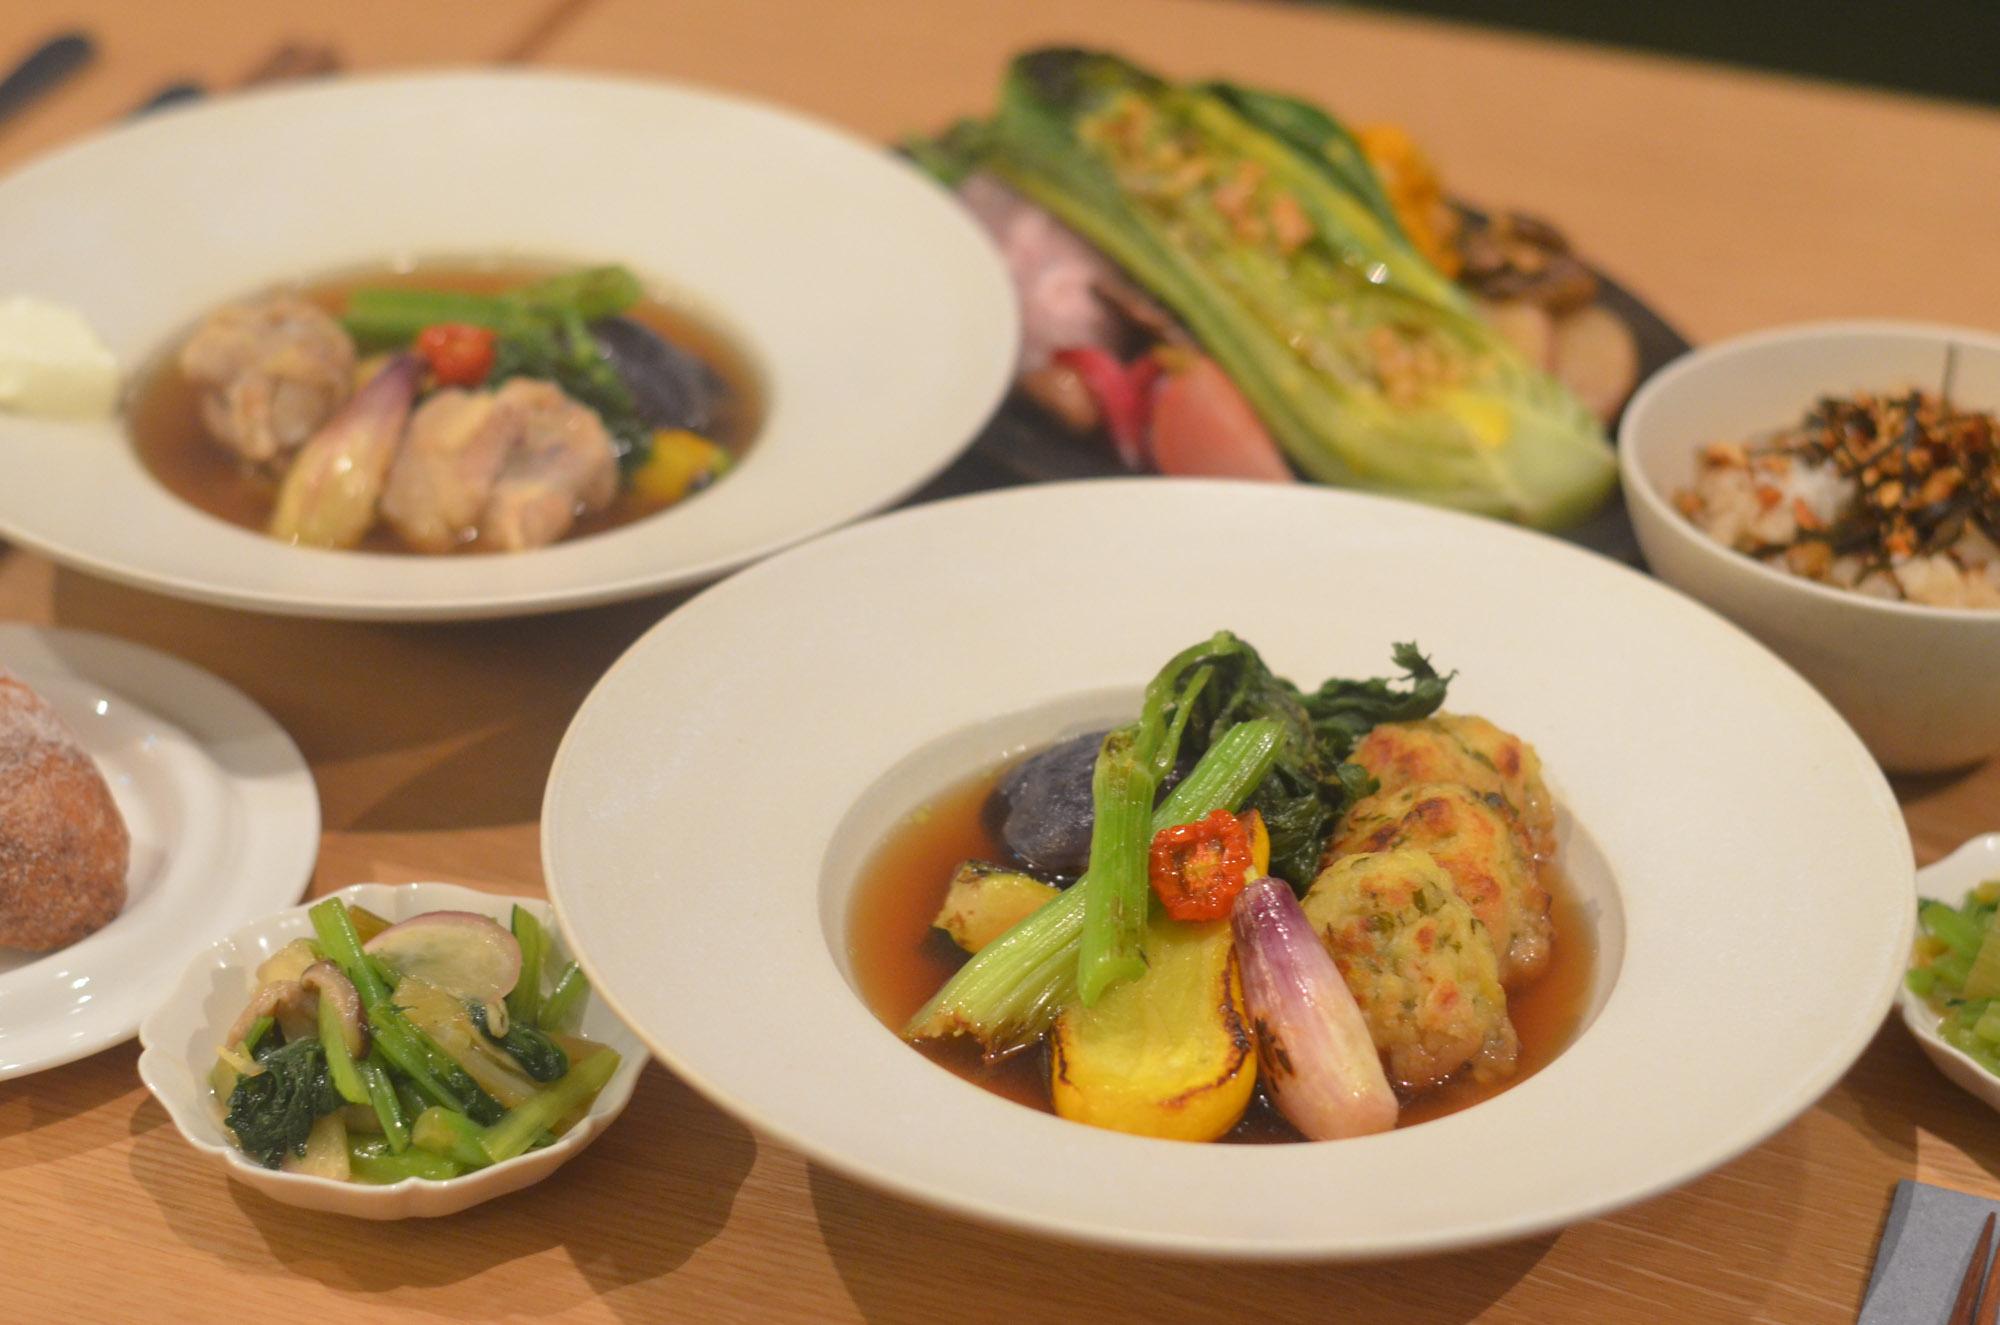 """「本と野菜 OyOy(おいおい)」は、京都の烏丸御池にオープンしたリアル店舗。「坂ノ途中」の野菜と、「かもめブックス」を展開する鴎来堂が選んだ本が楽しめる、お野菜ビストロ。「野菜の宅配ってちょっとハードルあるなという人向けの、""""料理は作るから、食べにきたら?""""というお店です(小野さん)」(プロジェクトサイトはこちら)"""